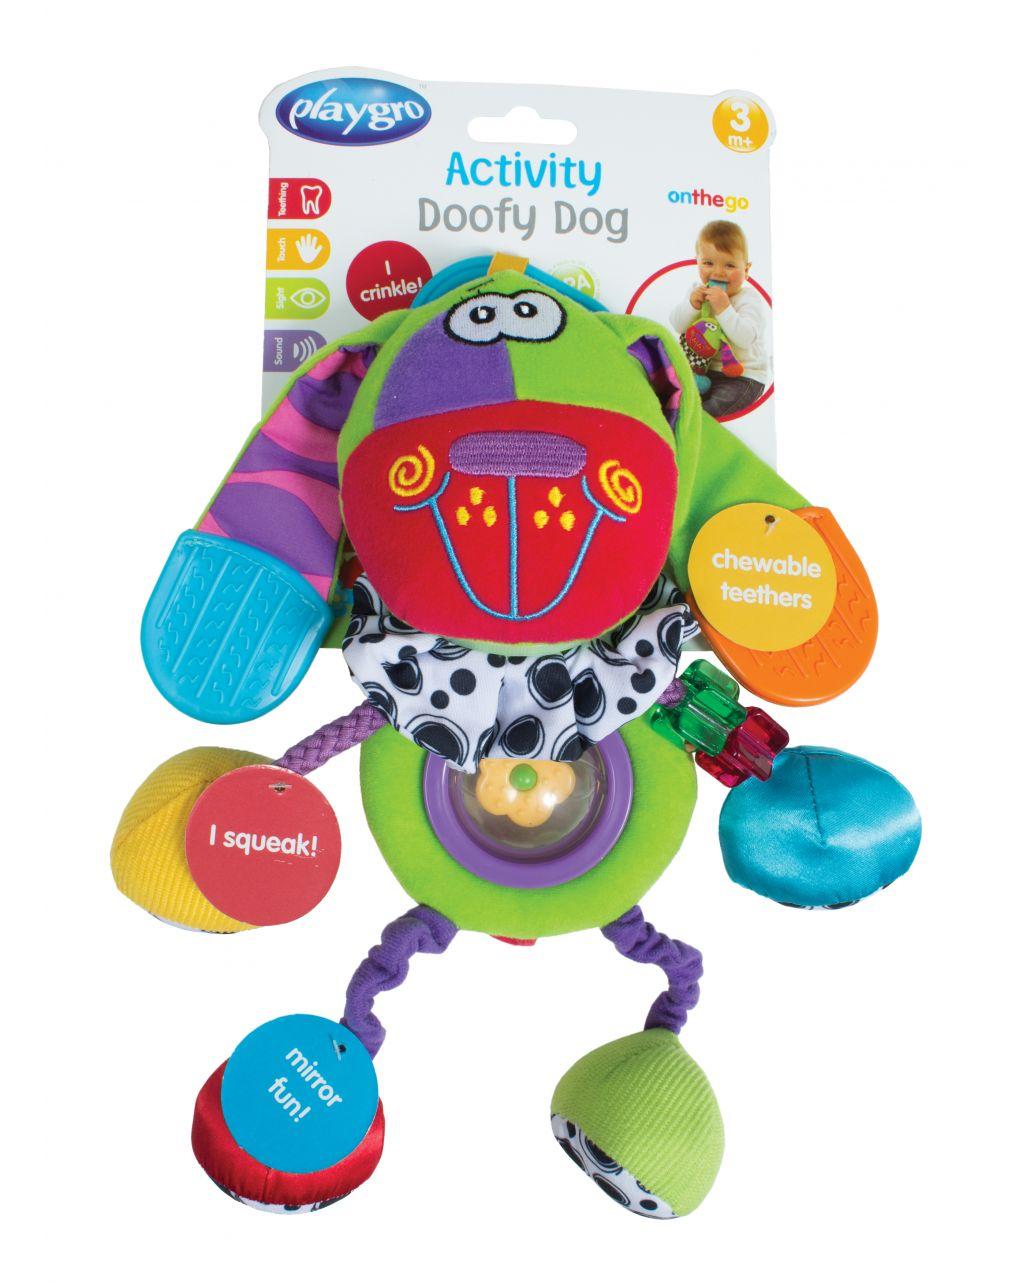 Playgro - cão doofy em atividade - Playgro